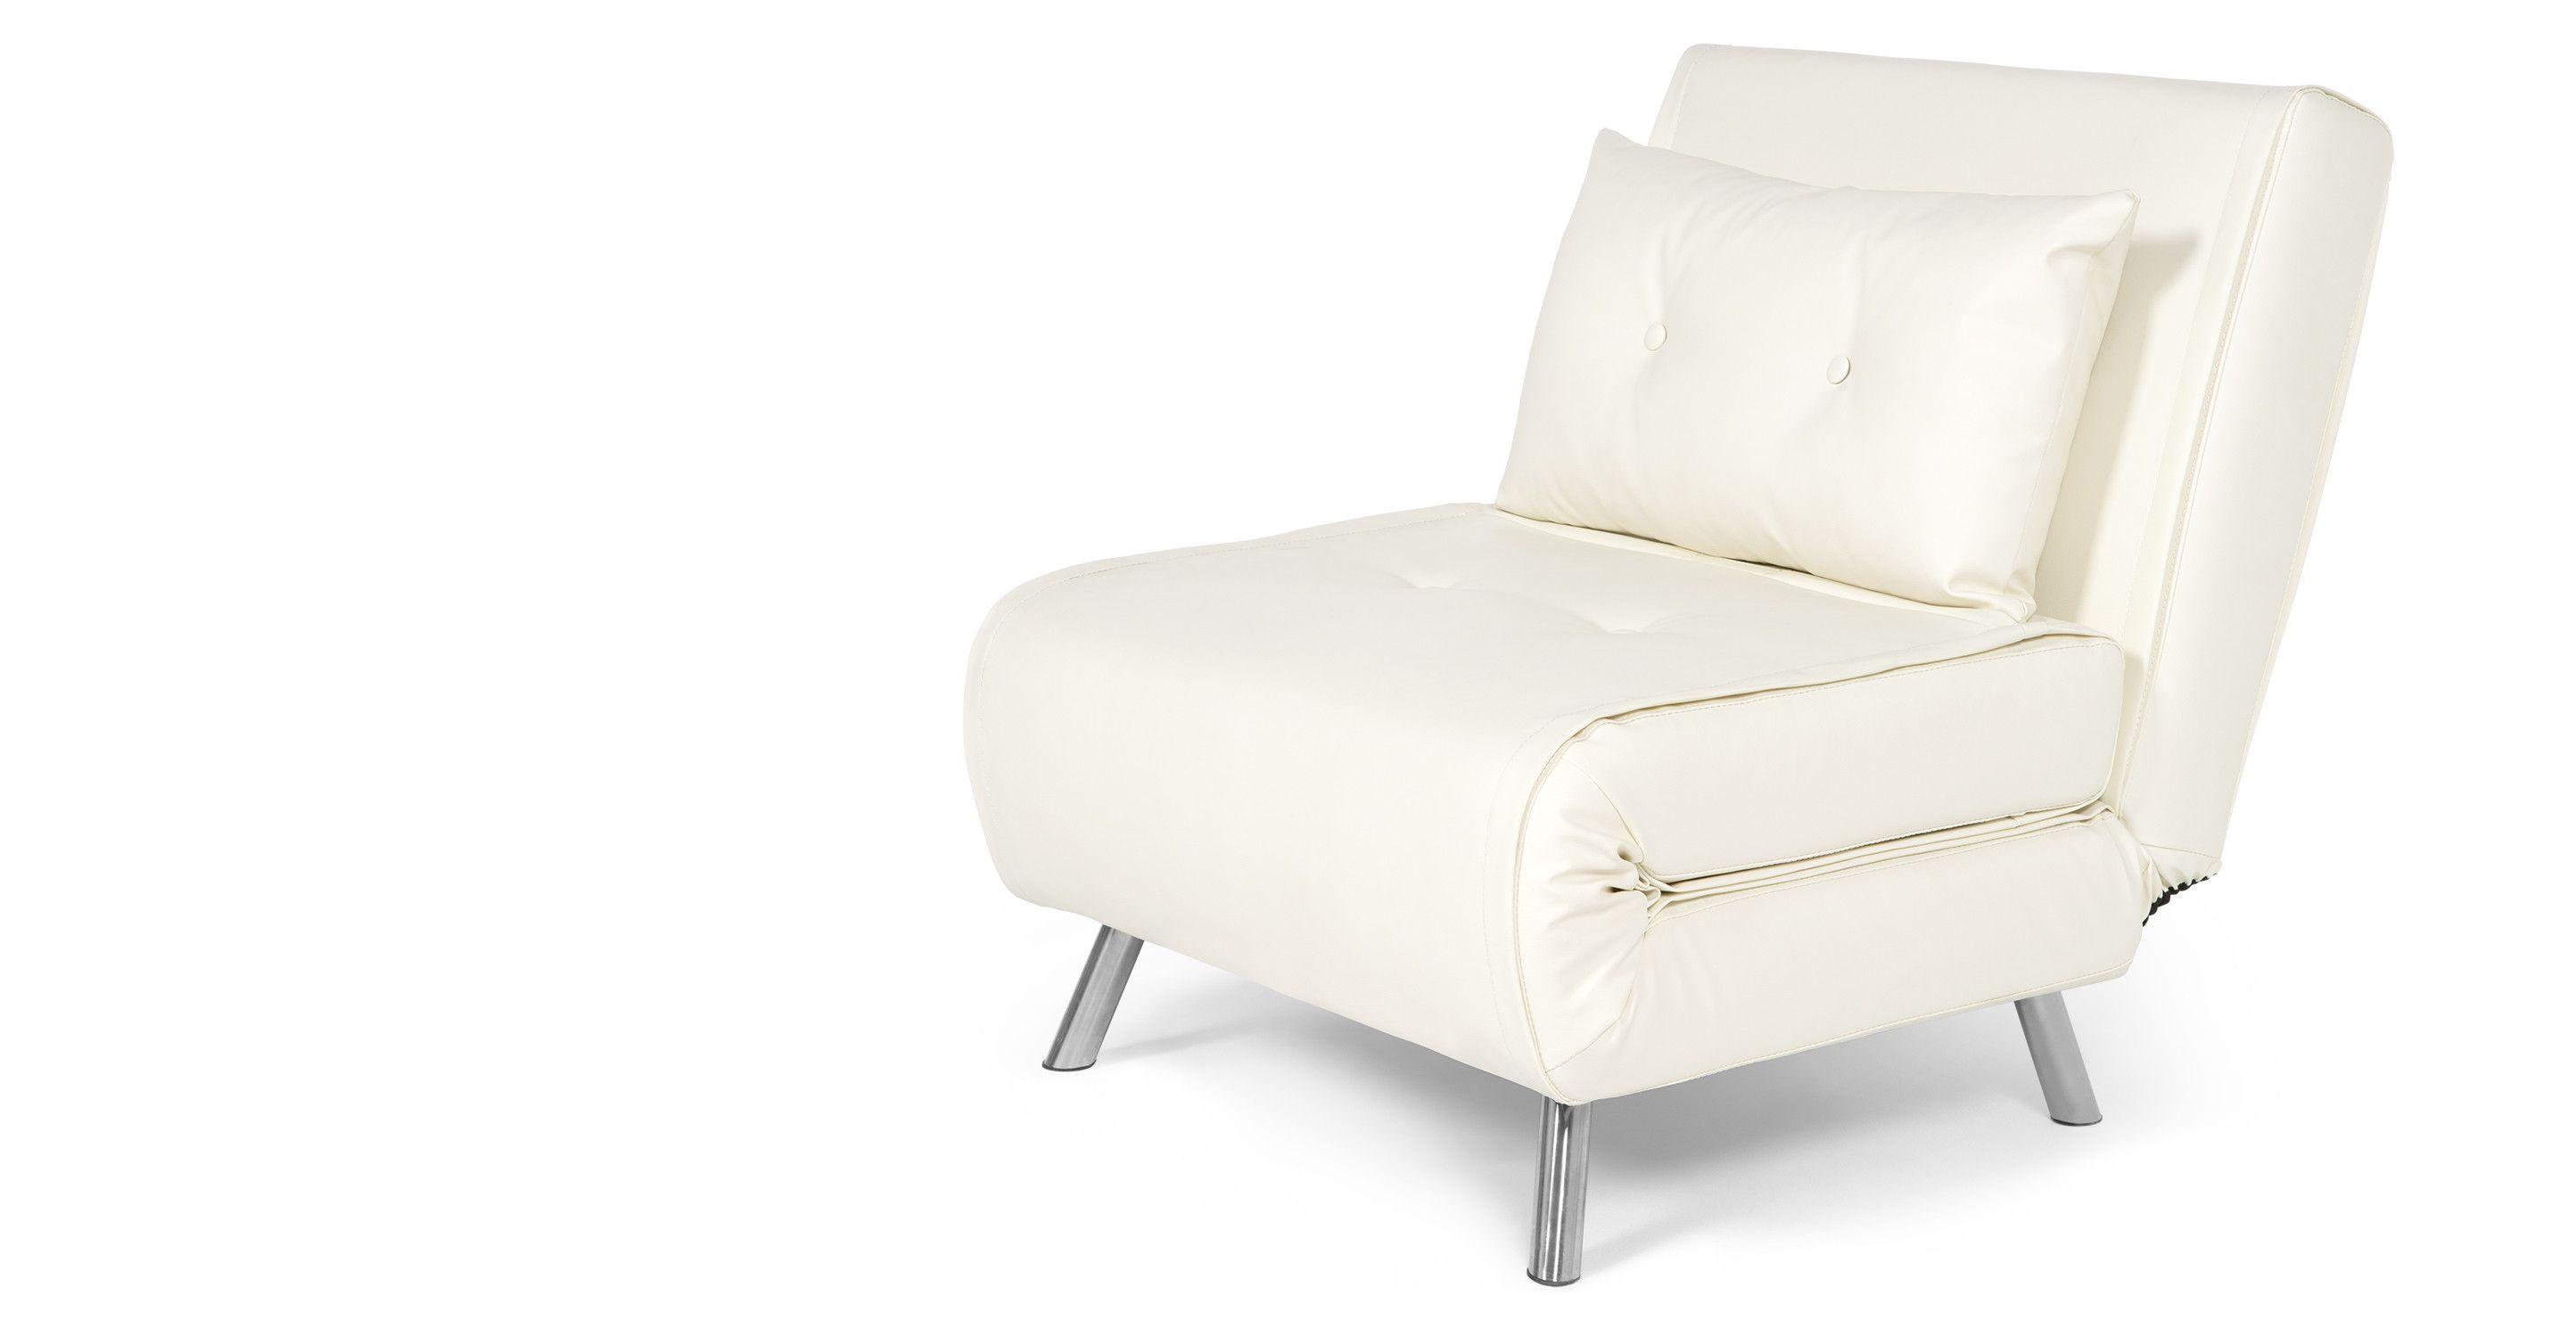 Eenpersoons Bedbank Ikea.Haru Eenpersoons Slaapbank Made Com Nl Slaapbank Bed Opmaken